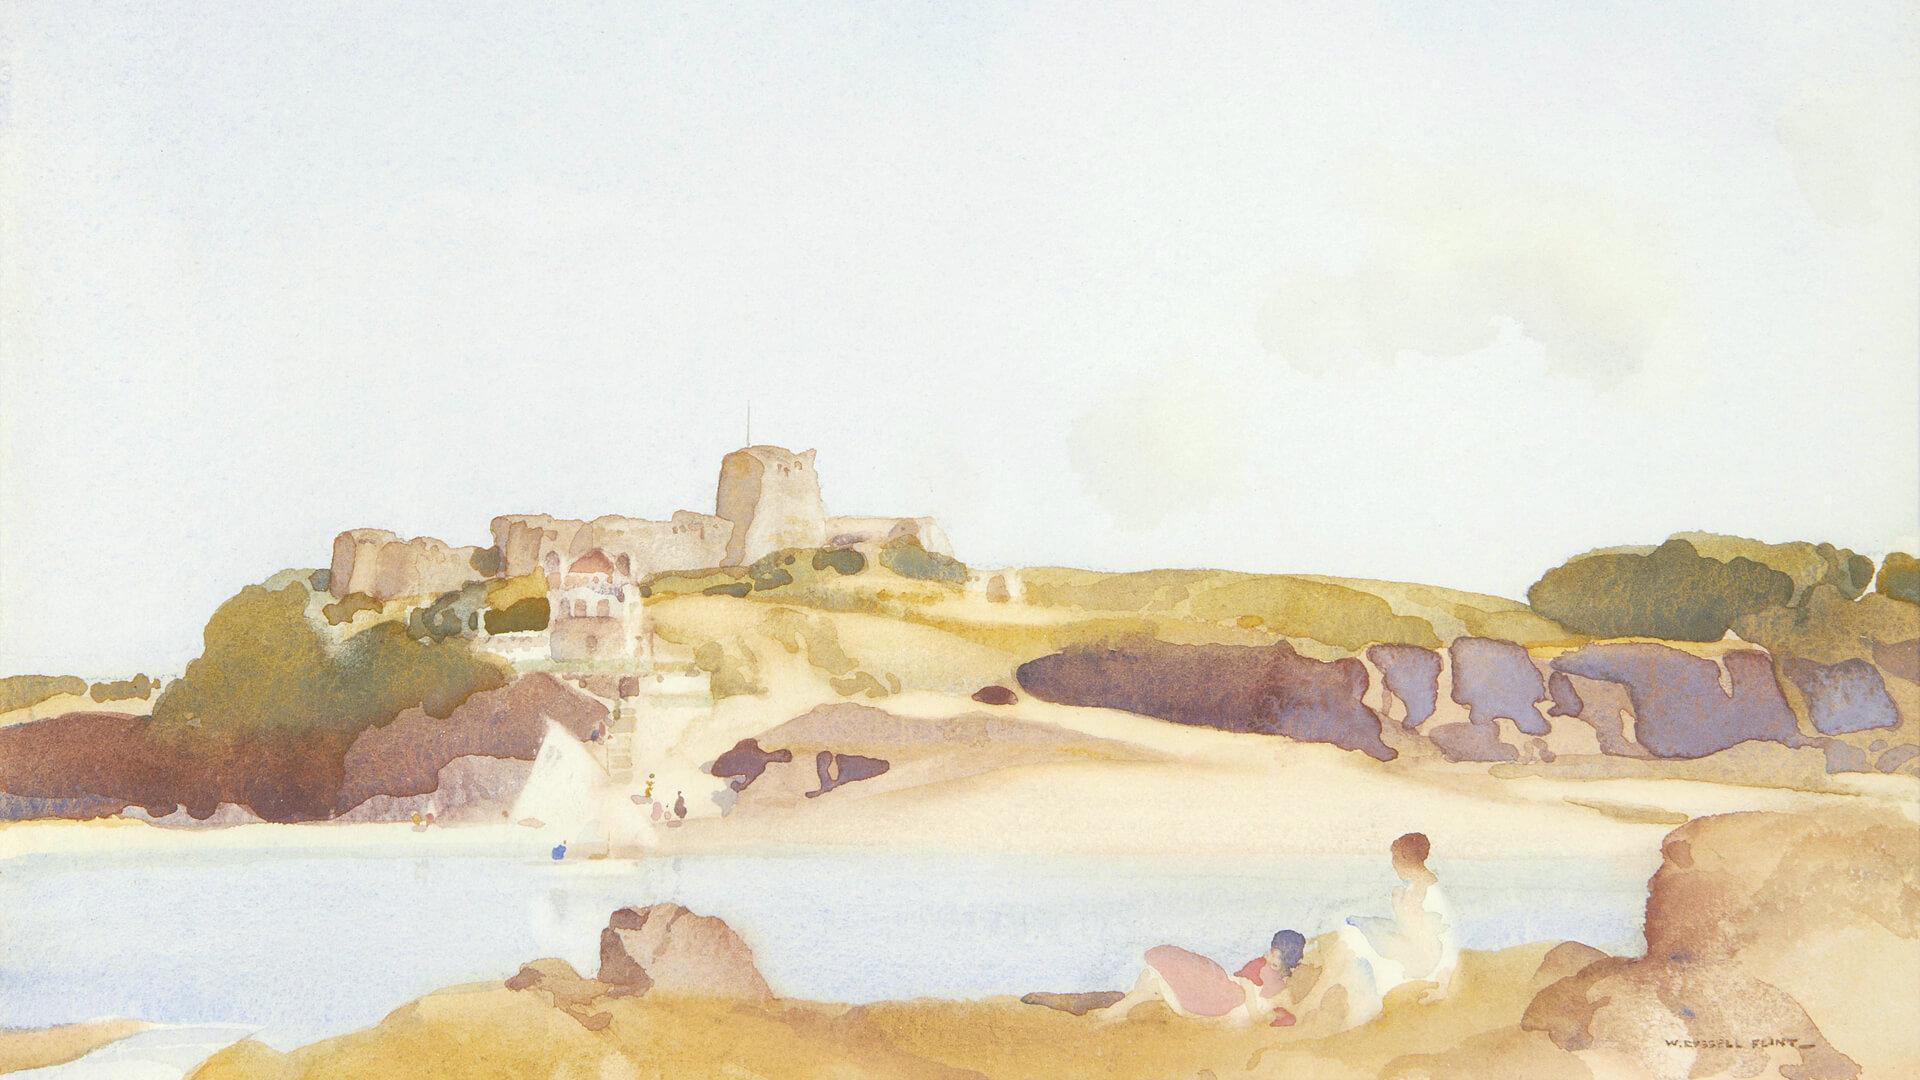 ウィリアム・ラッセル・フリント William Russell Flint / The Little Estuary, St. Brieux, Brittany